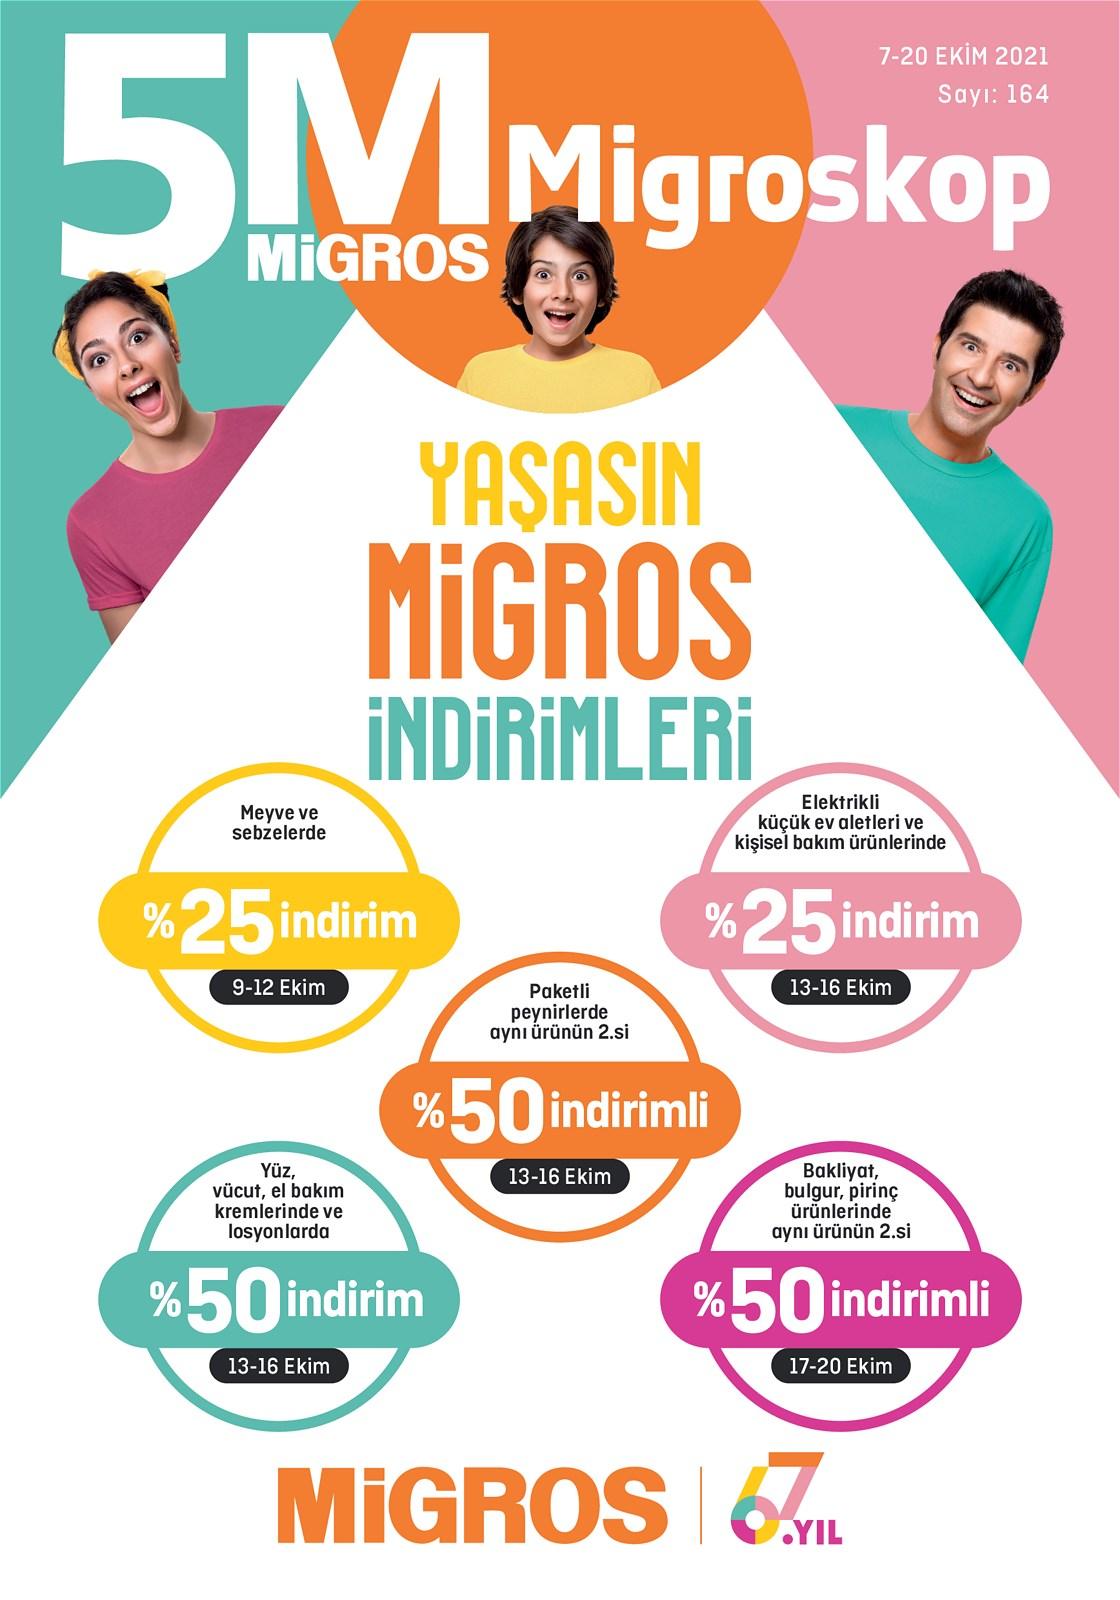 07.10.2021 Migros broşürü 1. sayfa